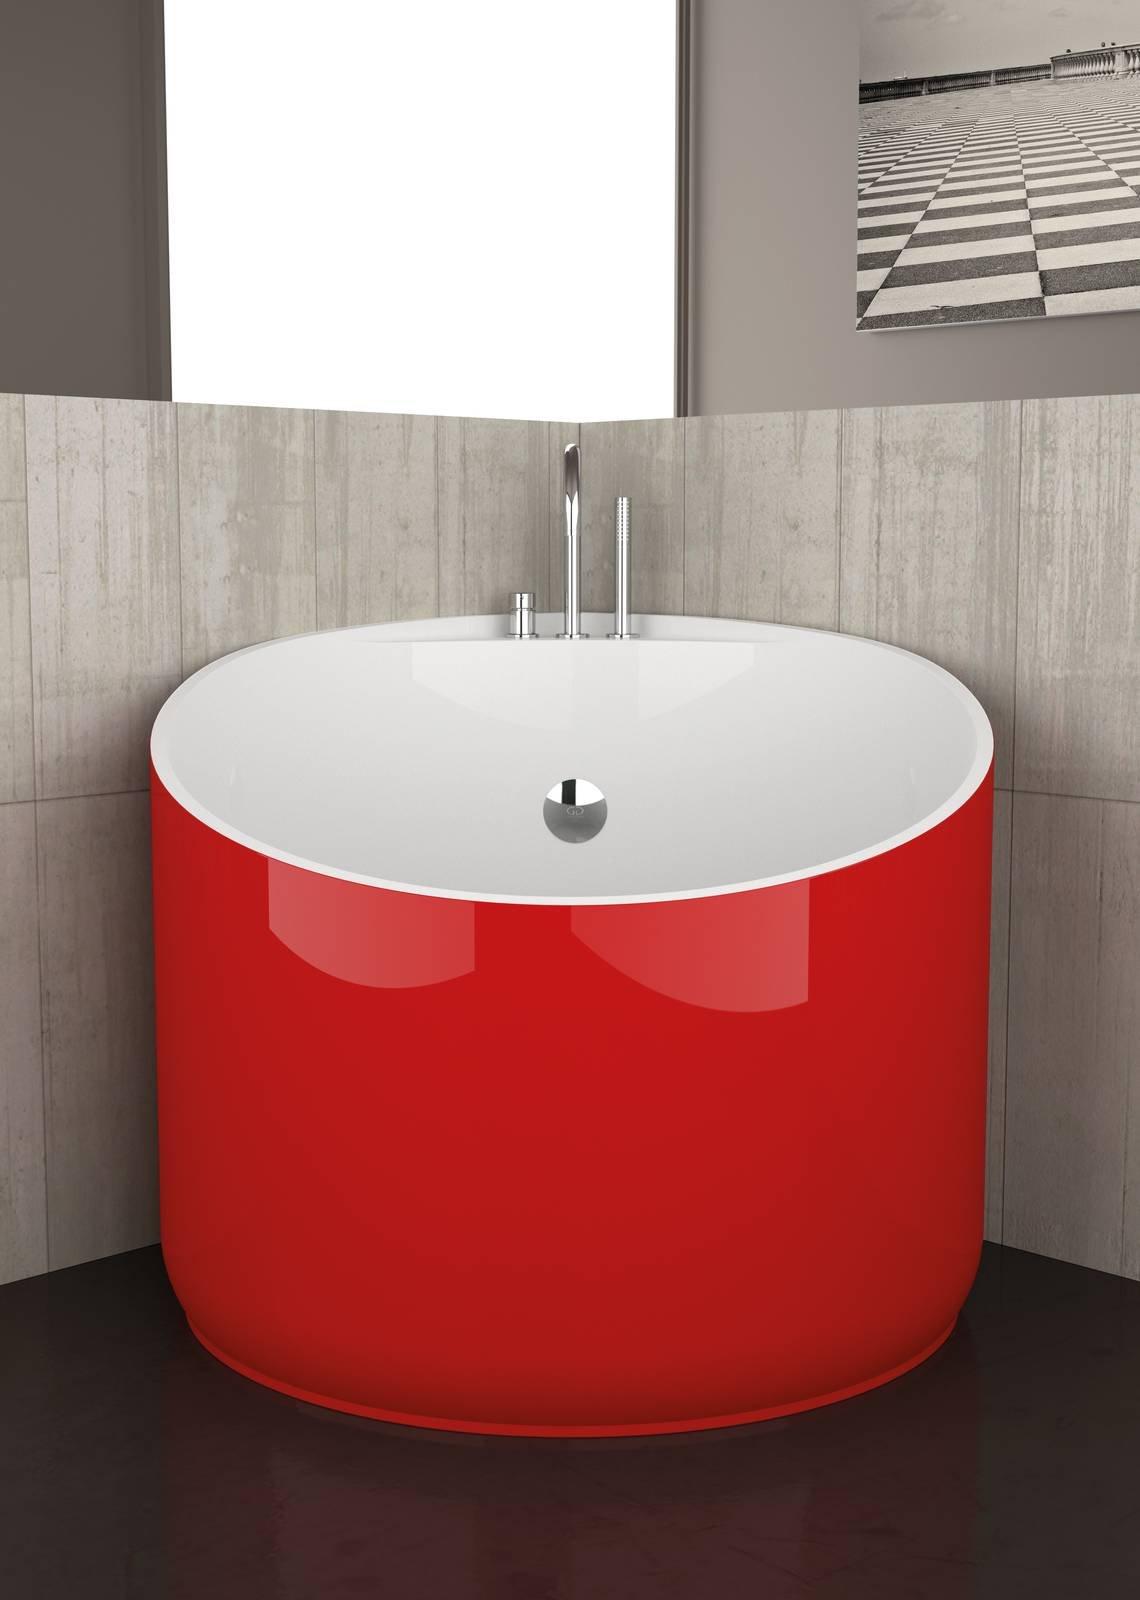 soluzioni per un bagno piccolo piccolo - cose di casa - Bagno Piccolo Soluzioni